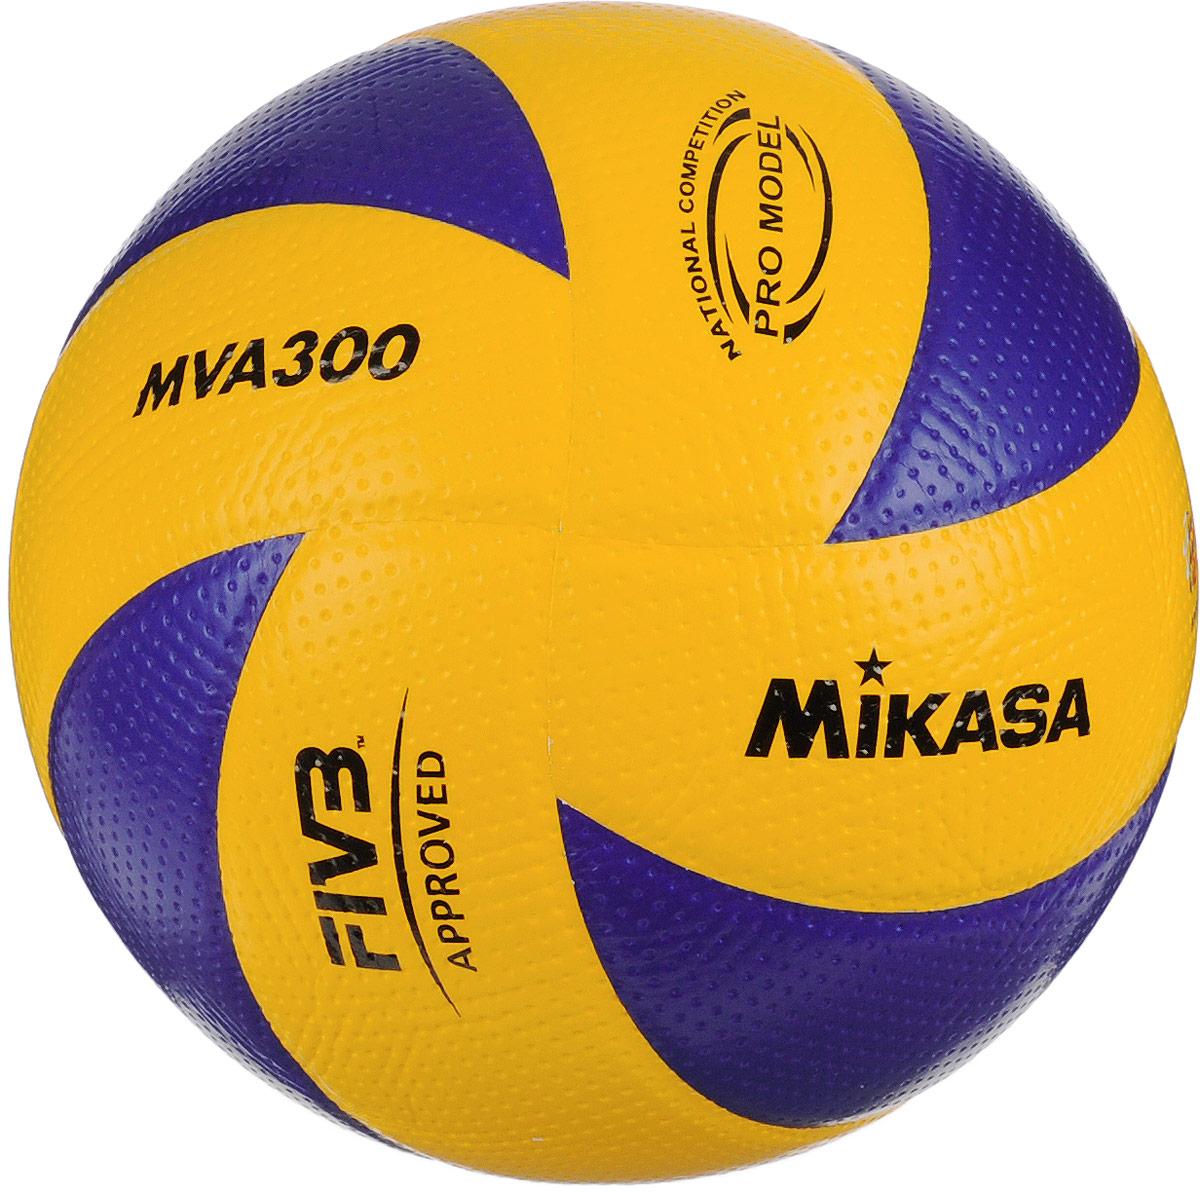 Мяч волейбольный Mikasa MVA 300. Размер 5УТ-00001282Мяч Mikasa MVA 300 предназначен для интенсивных тренировок и соревнований в зале. Изделие состоит из 8 панелей, выполненных из синтетической кожи на основе микрофибры с углублениями. Камера изготовлена из бутила.УВАЖЕМЫЕ КЛИЕНТЫ!Обращаем ваше внимание на тот факт, что мяч поставляется в сдутом виде. Насос в комплект не входит.